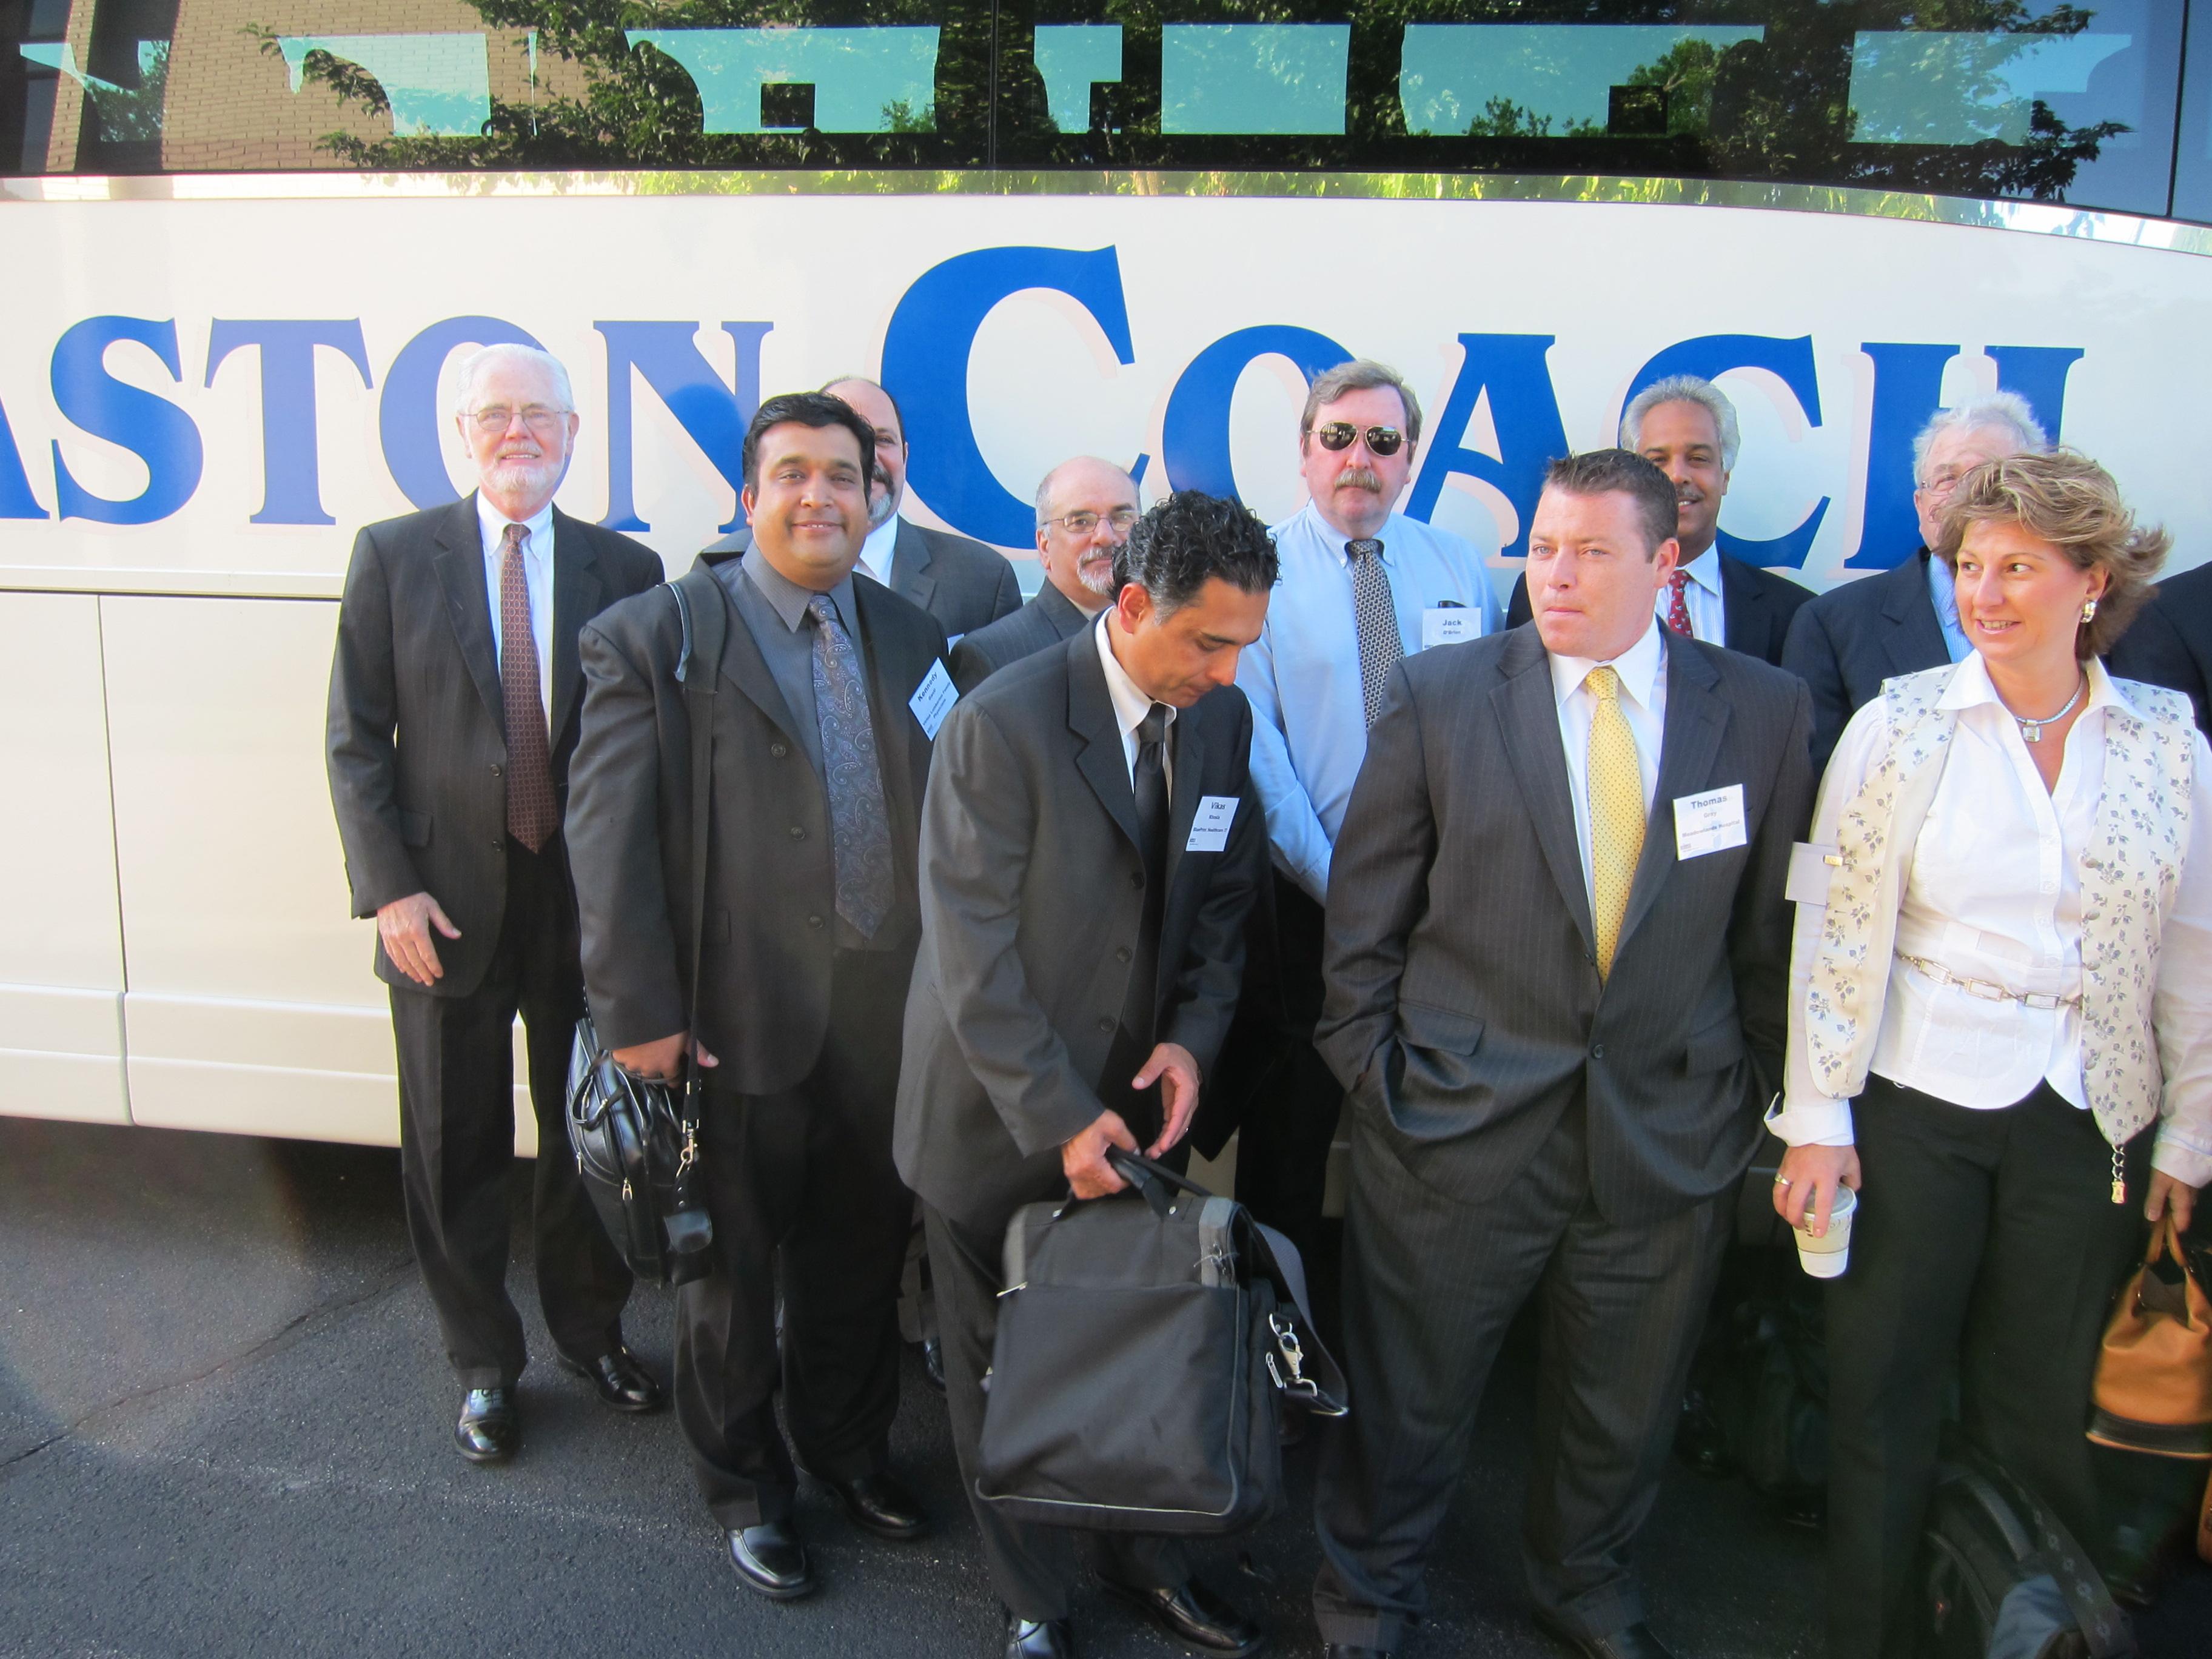 Tiger Bus Virginia Beach To Washington Dc